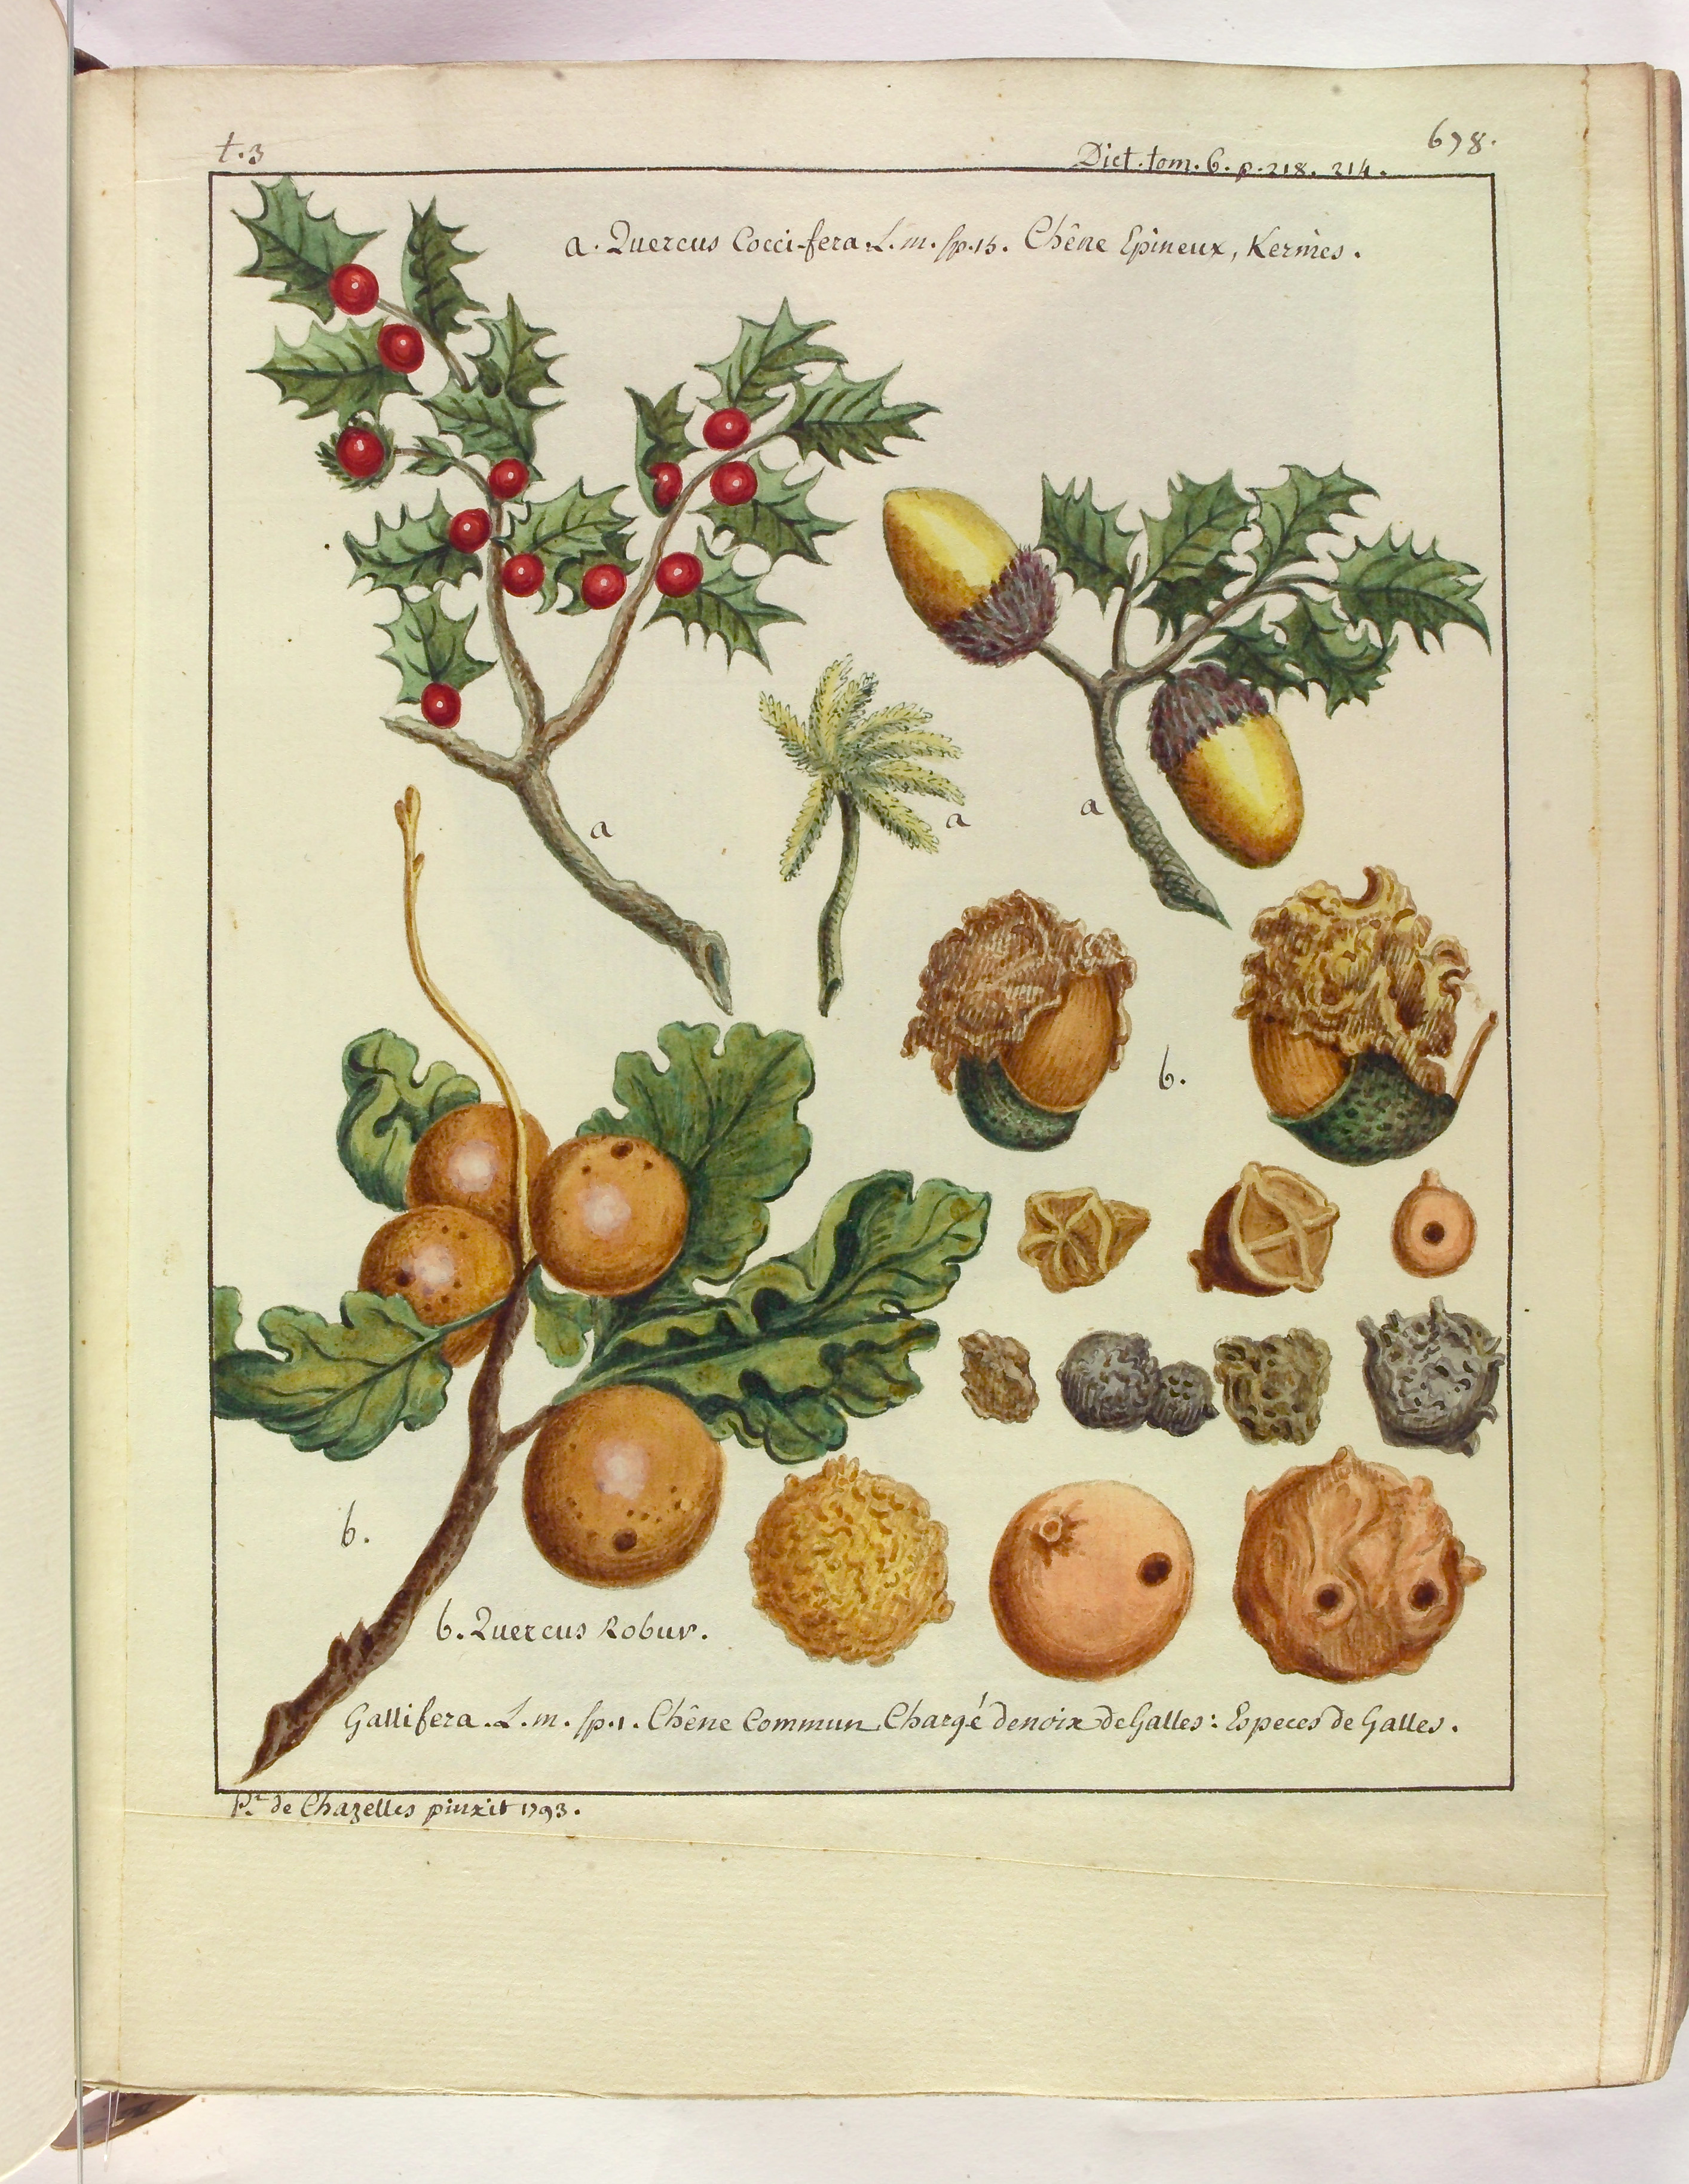 Contenu du [Chêne kermès - Chêne commun et ses fruits]